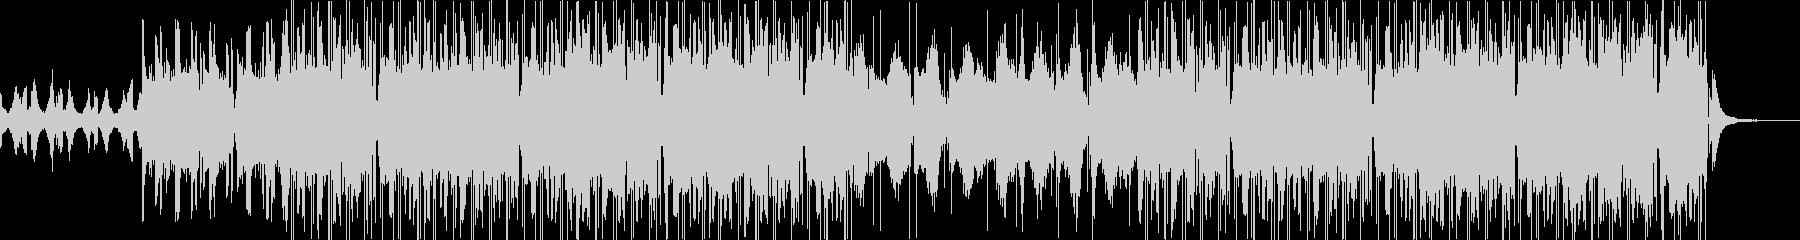 bpm112- 優しく穏やかなチルアウトの未再生の波形